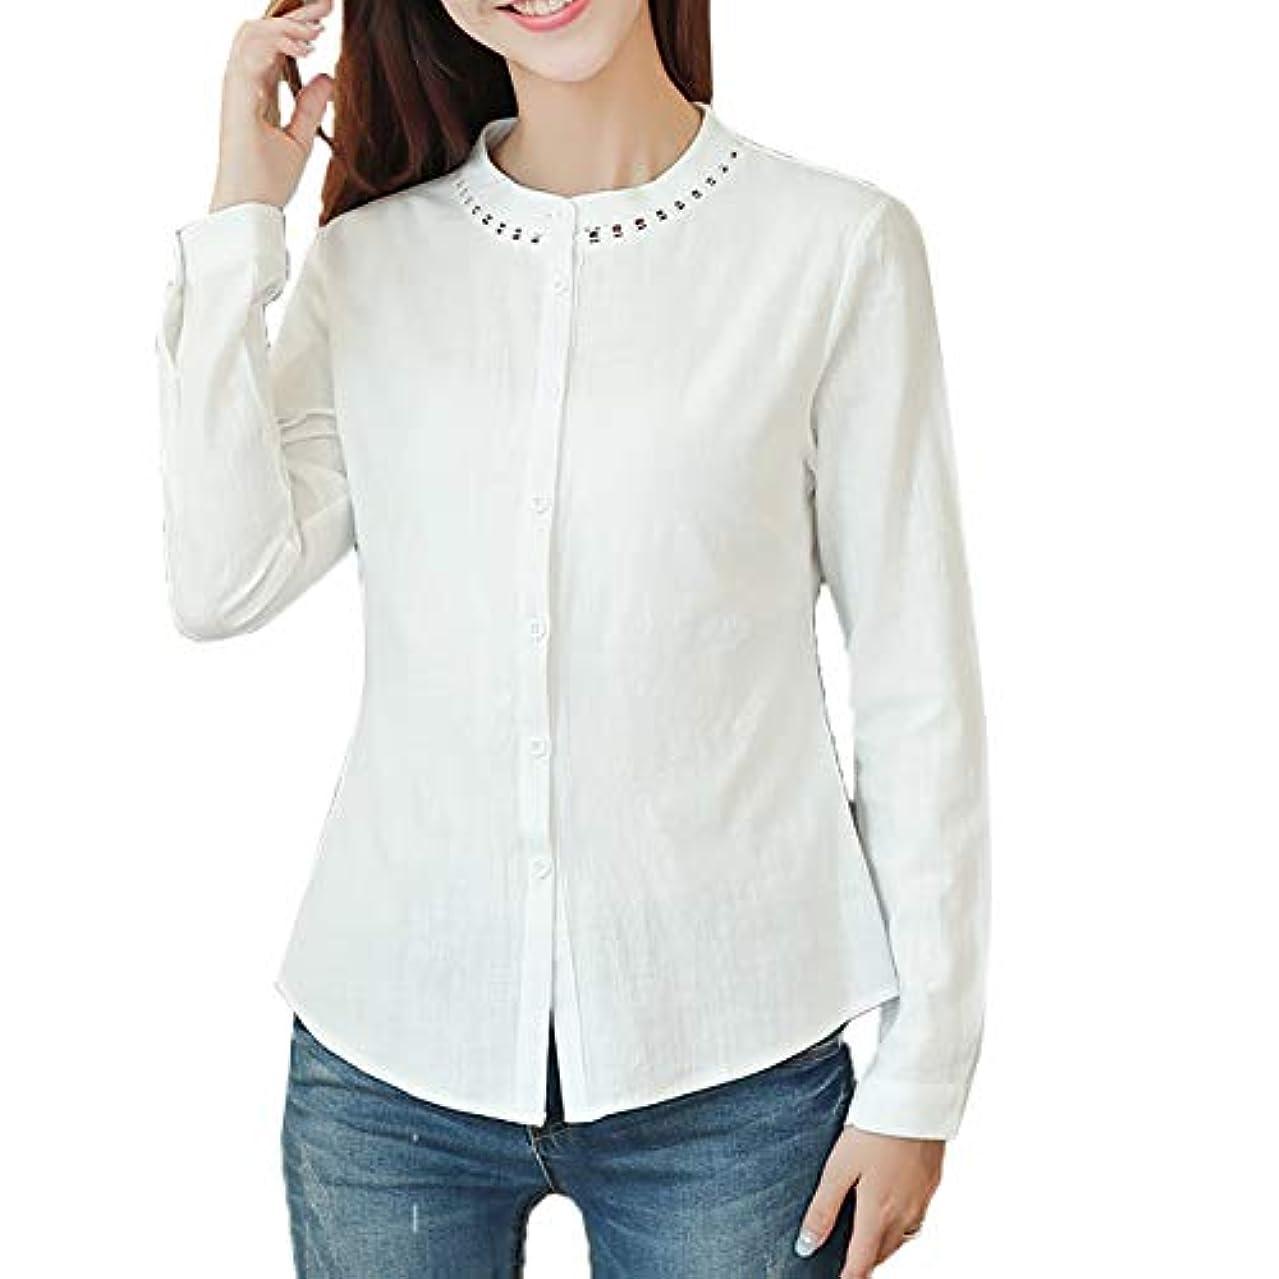 味未使用拡大する[ココチエ] ブラウス シャツ レース スタンドカラー レディース 白 おしゃれ 長袖 ビジネス 7分 七分袖 かわいい カジュアル